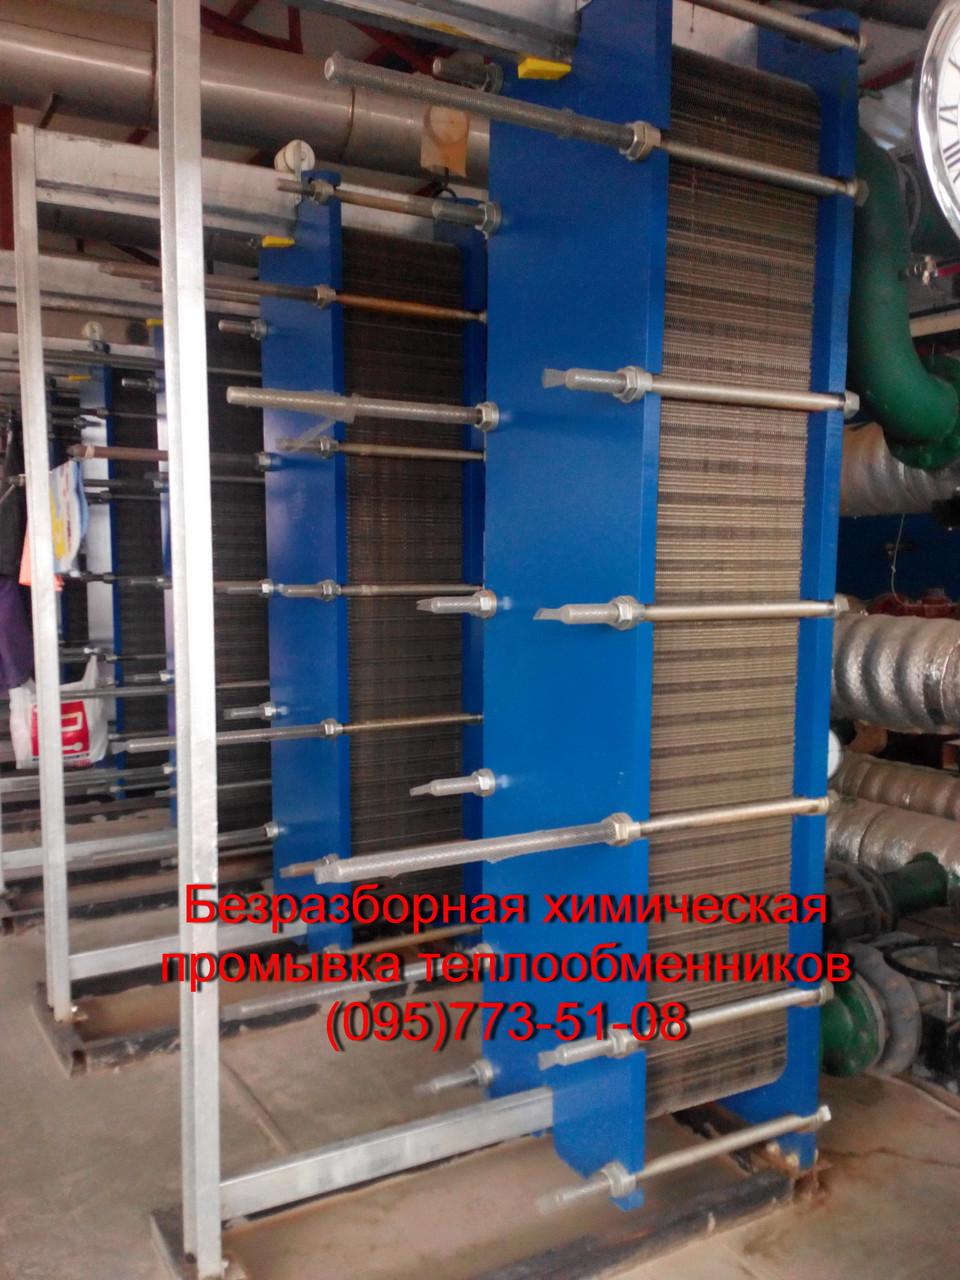 Цены на промывку теплообменников Кожухотрубный испаритель WTK TFE 1400 Озёрск